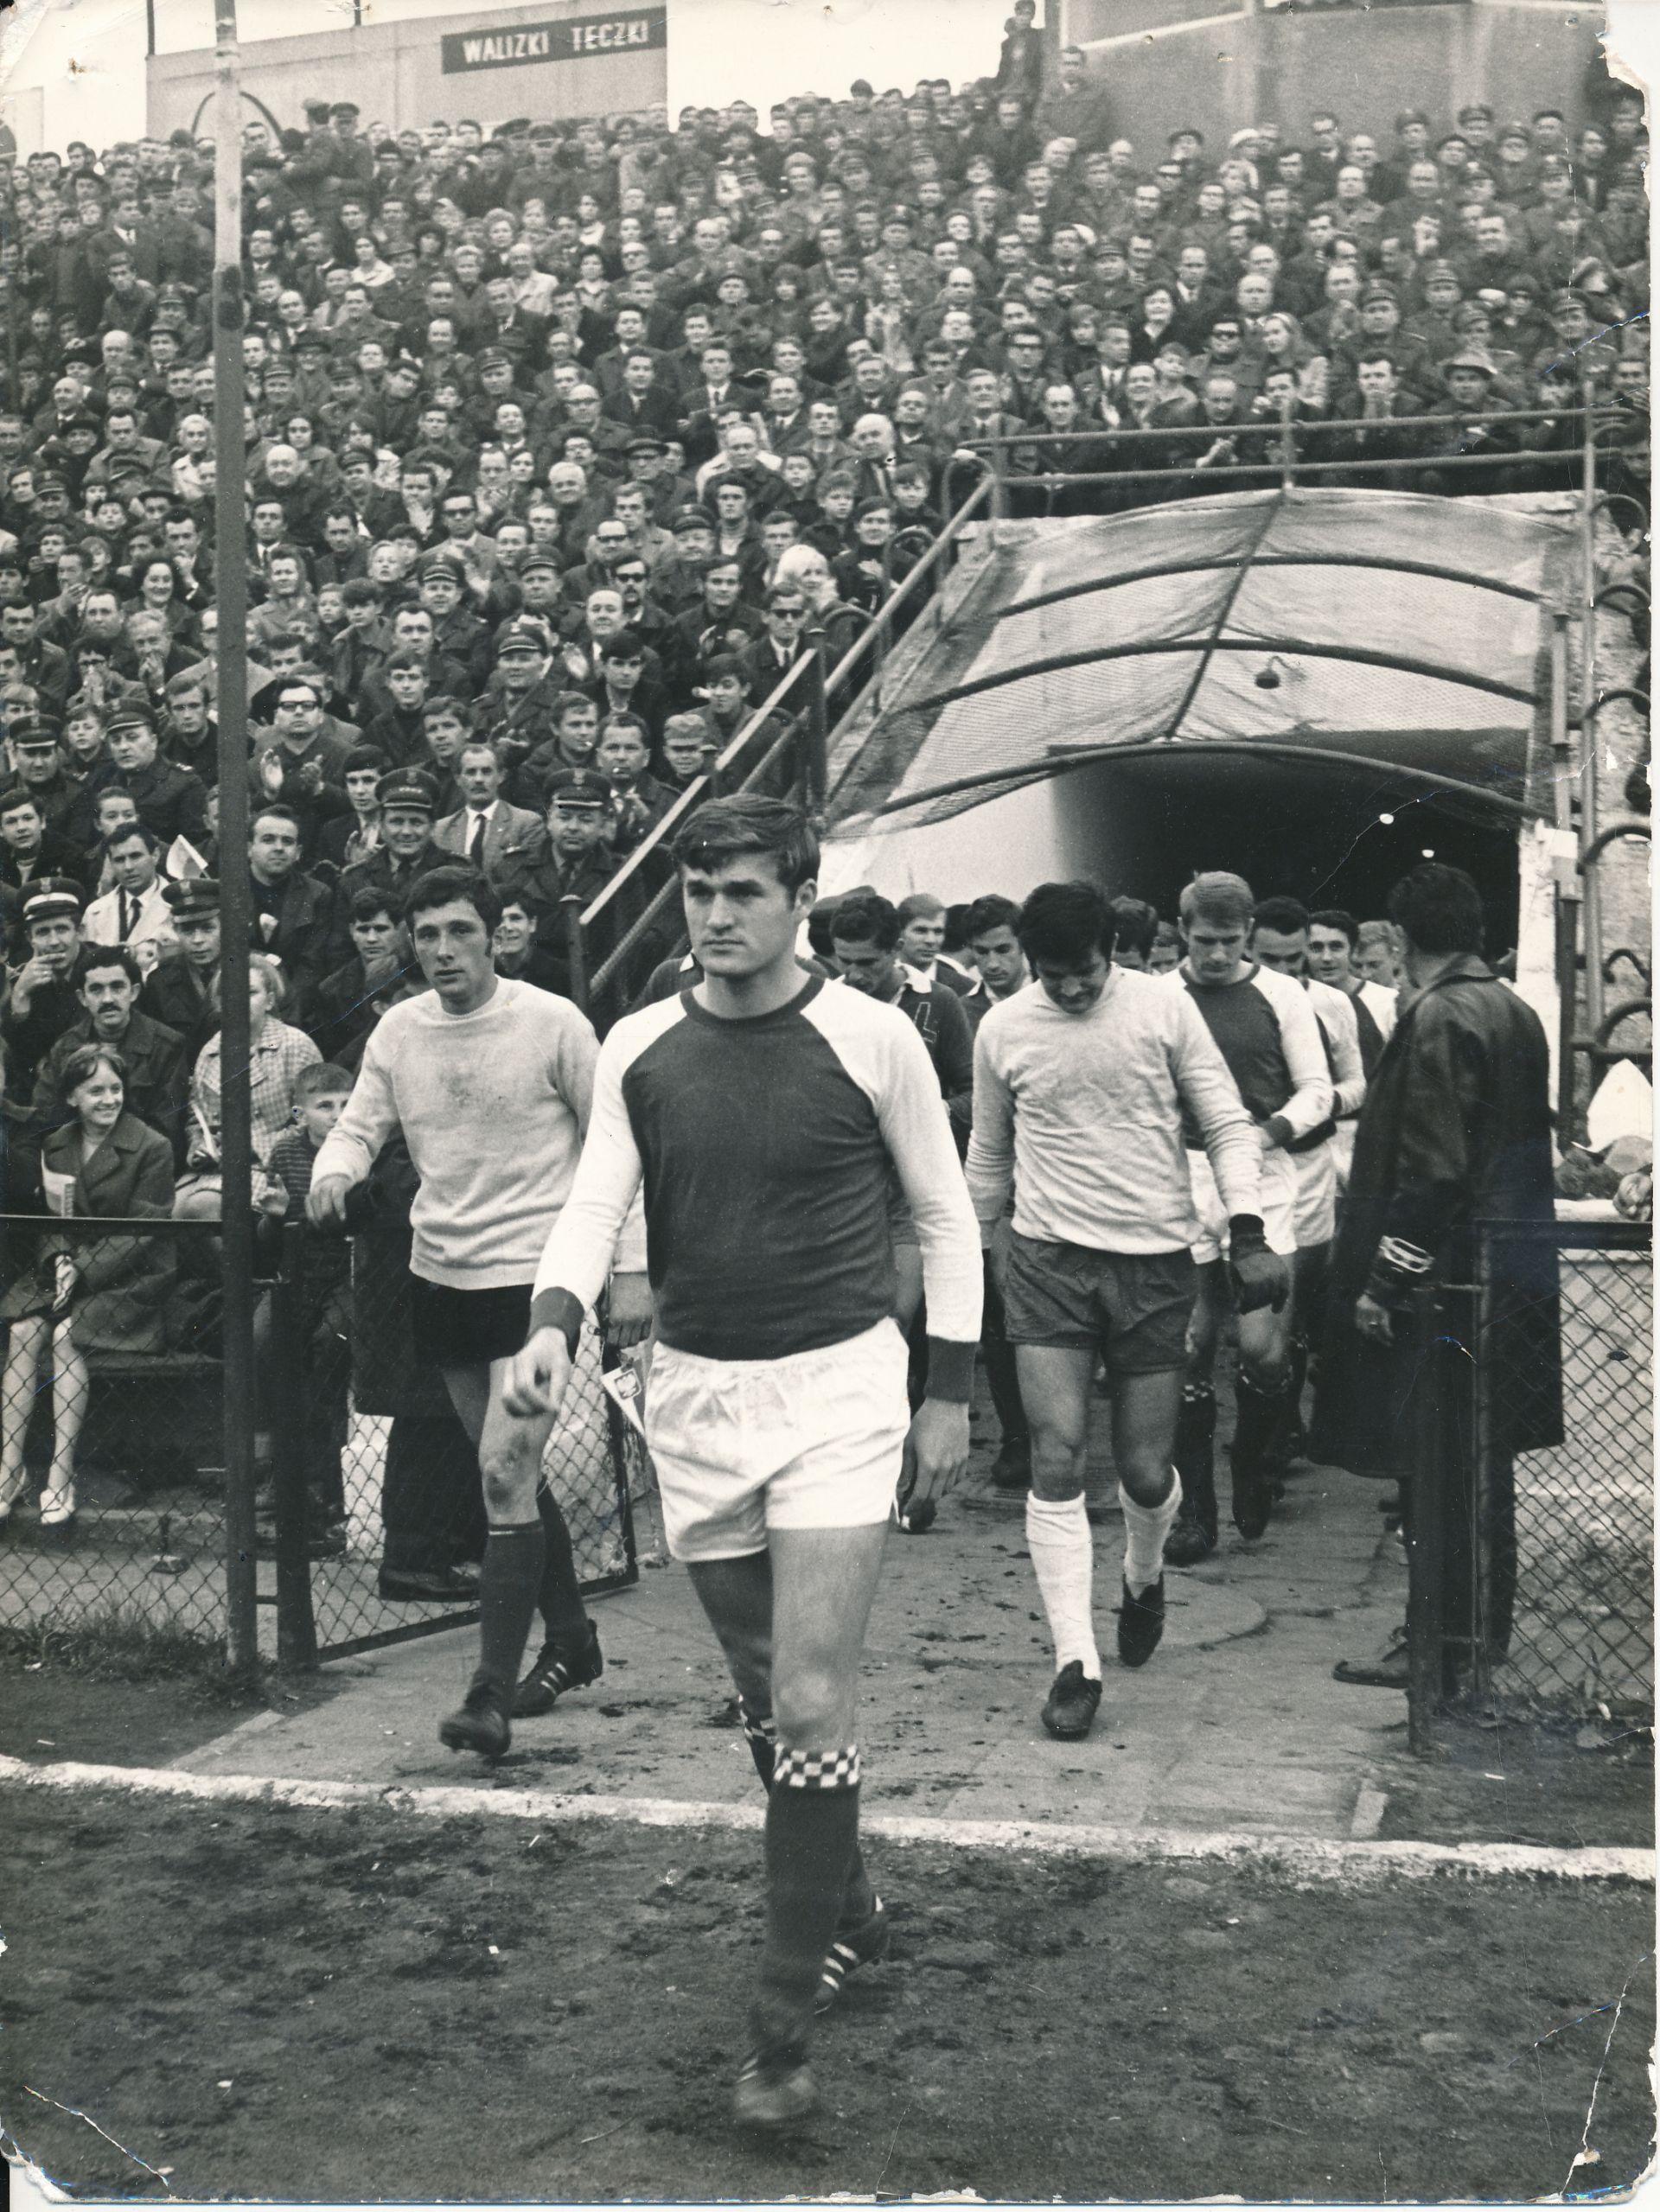 Lublinianka - Górnik Zabrze (Puchar Polski 1970)